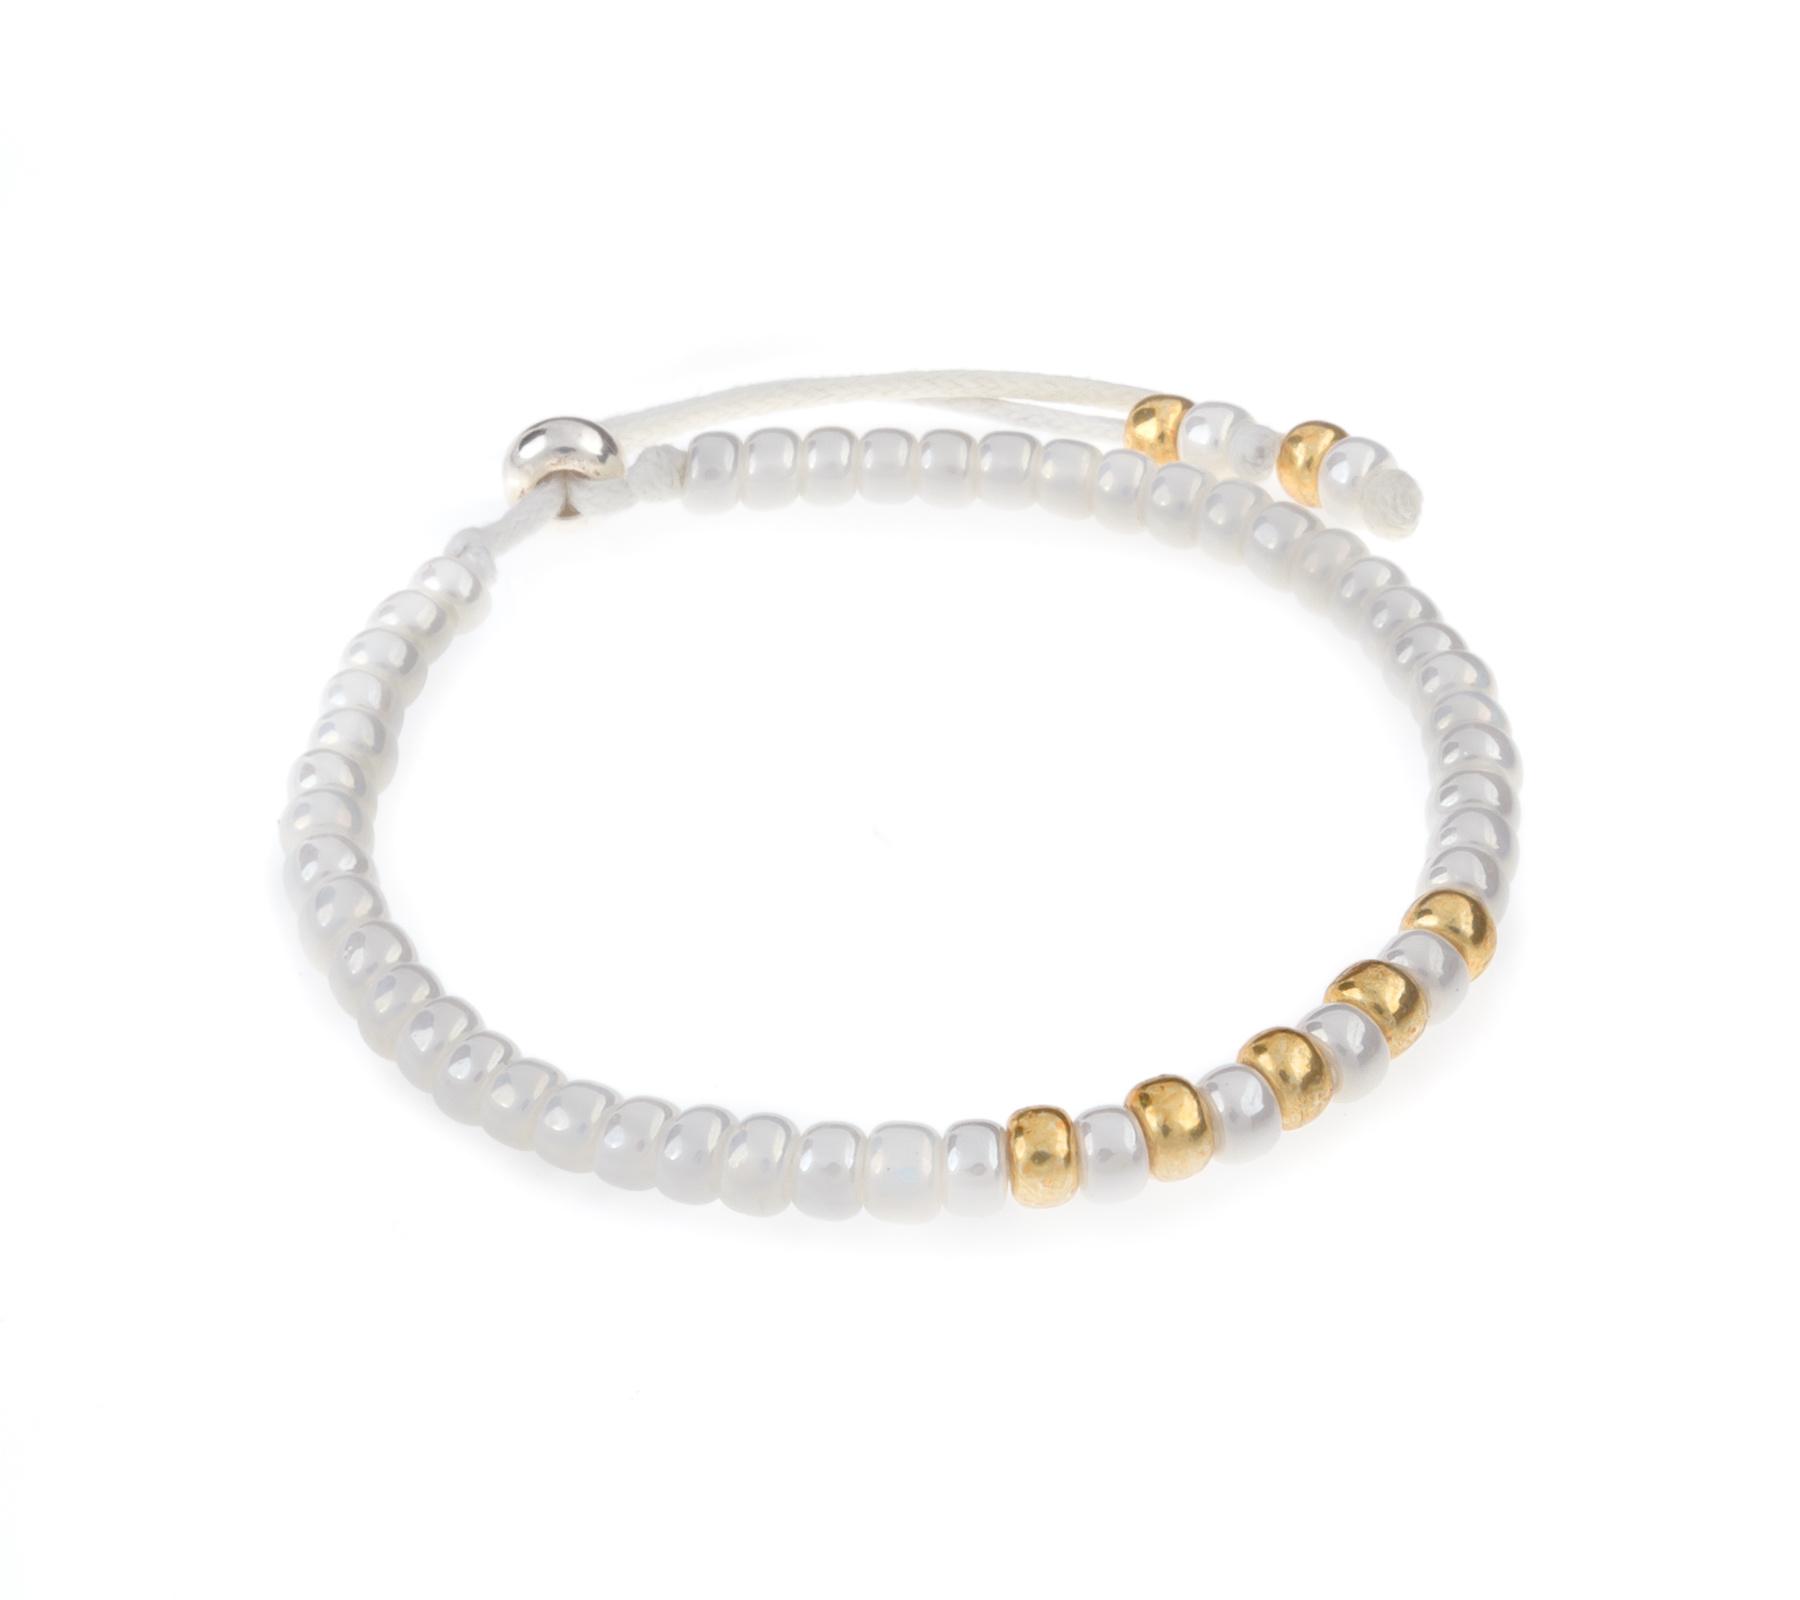 Miyuki armband wit met goud-1